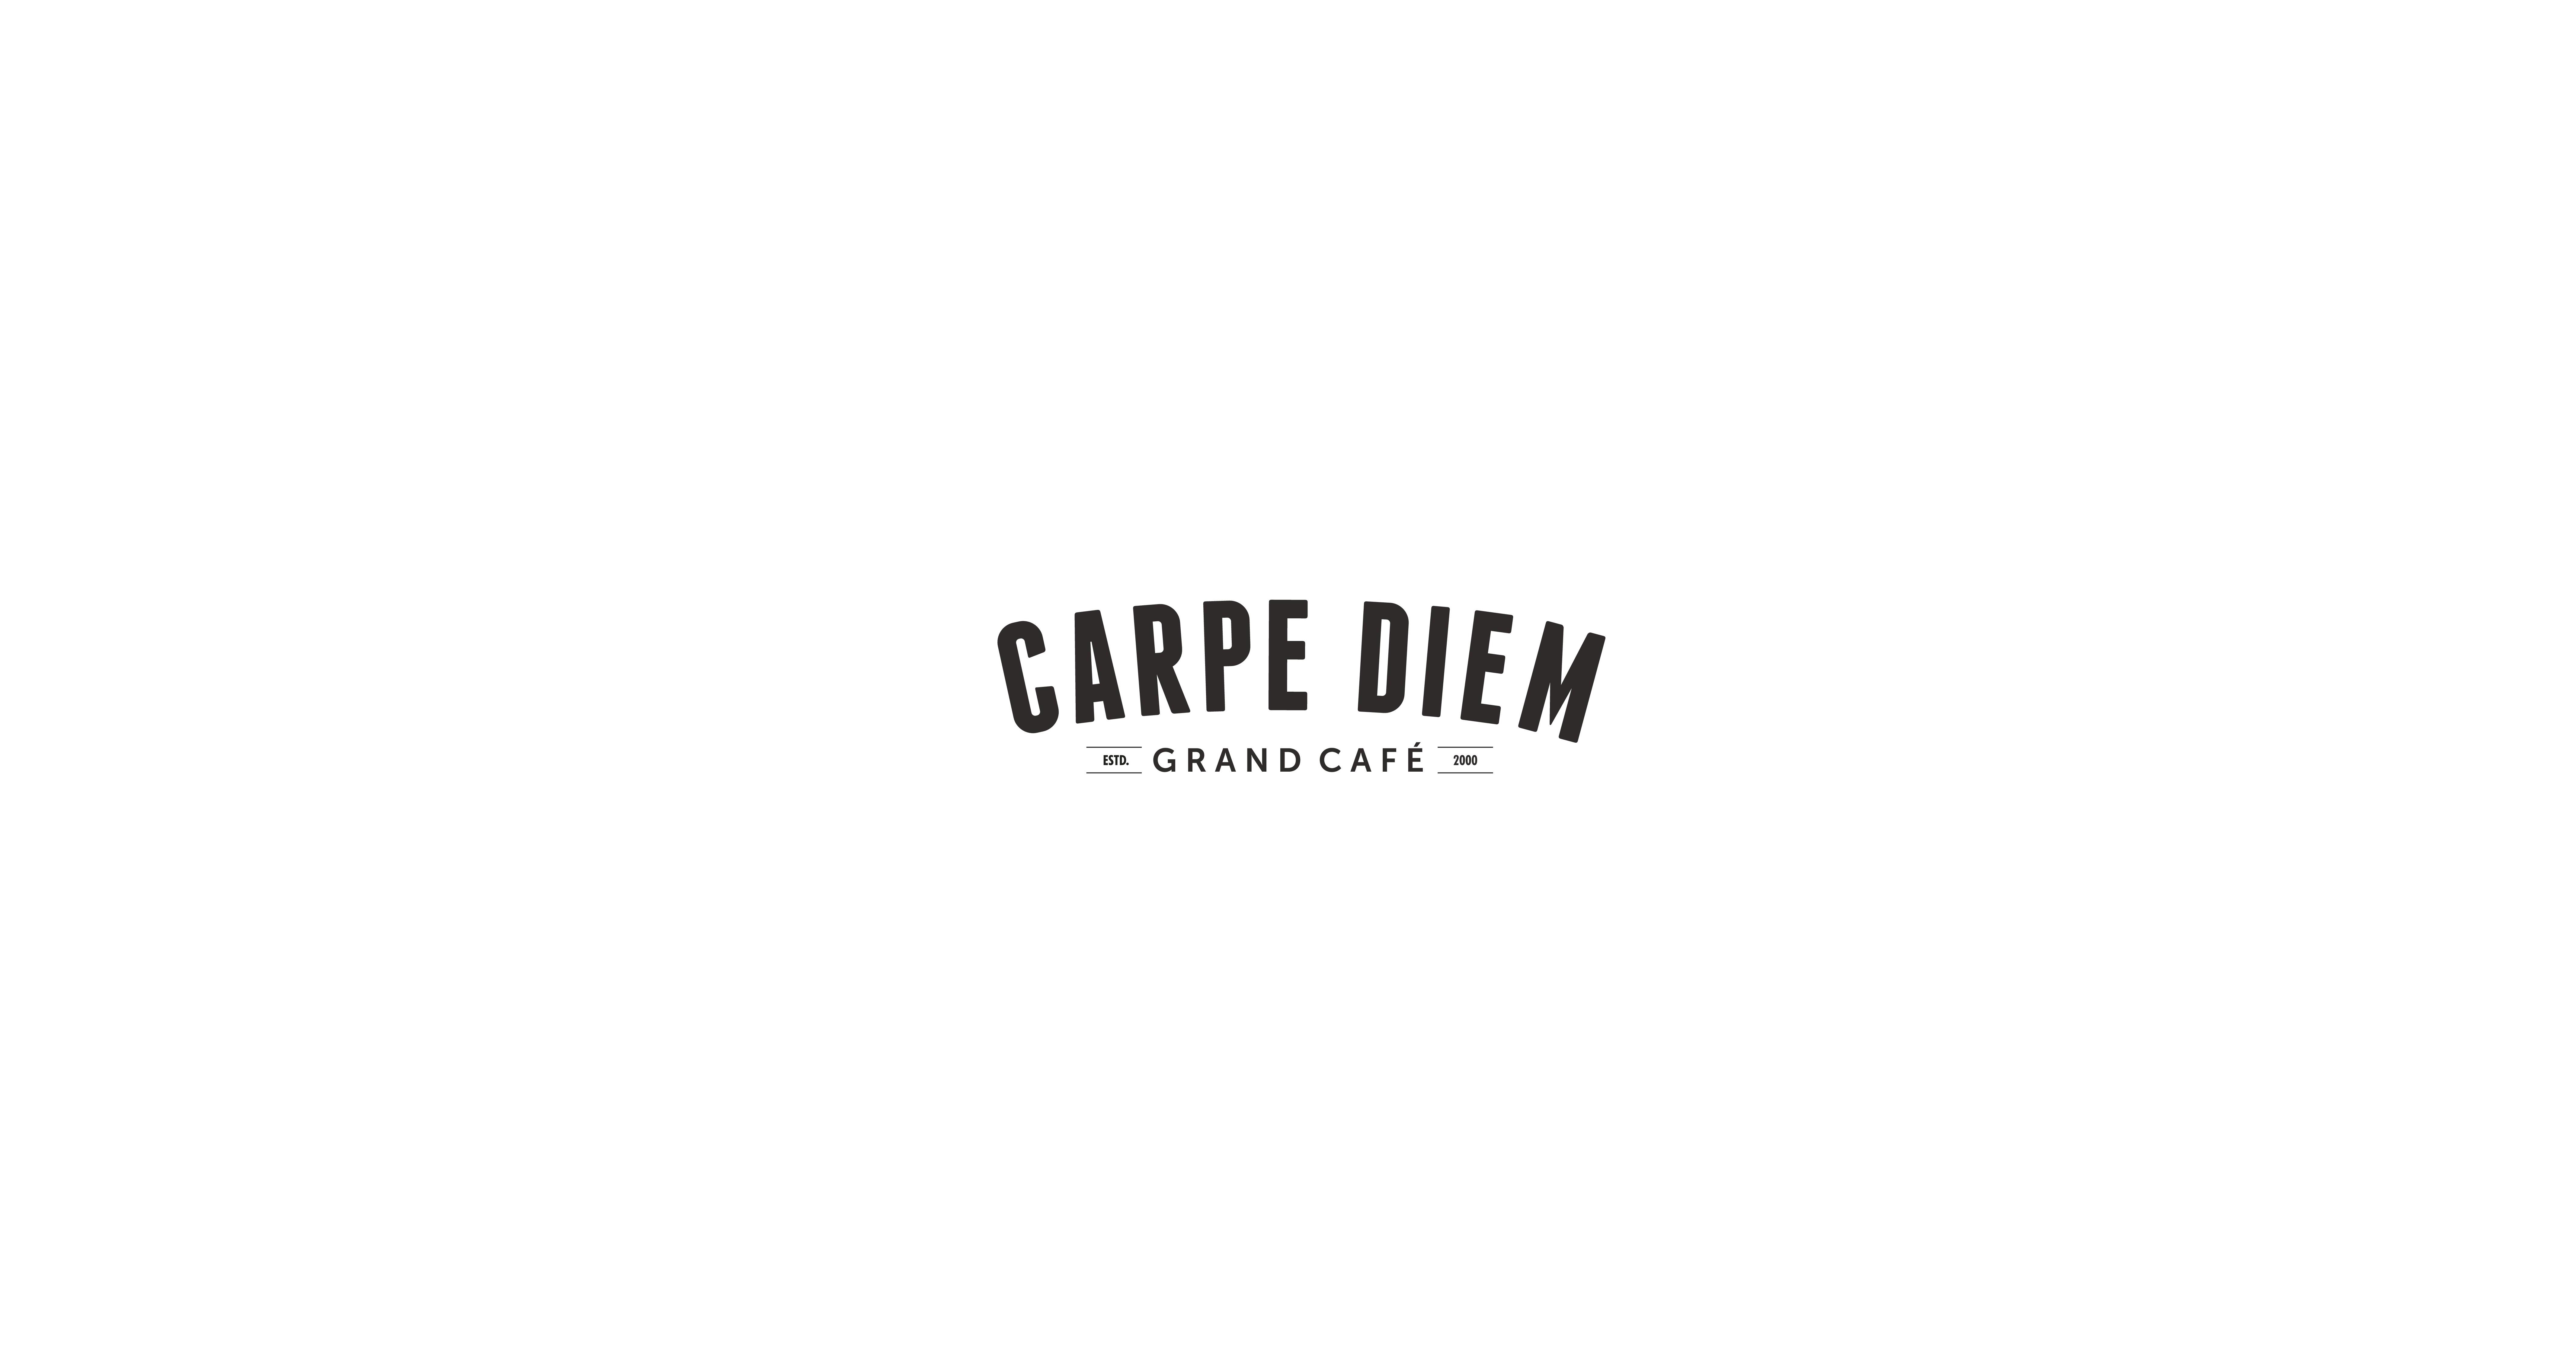 Carpe Diem reinvented